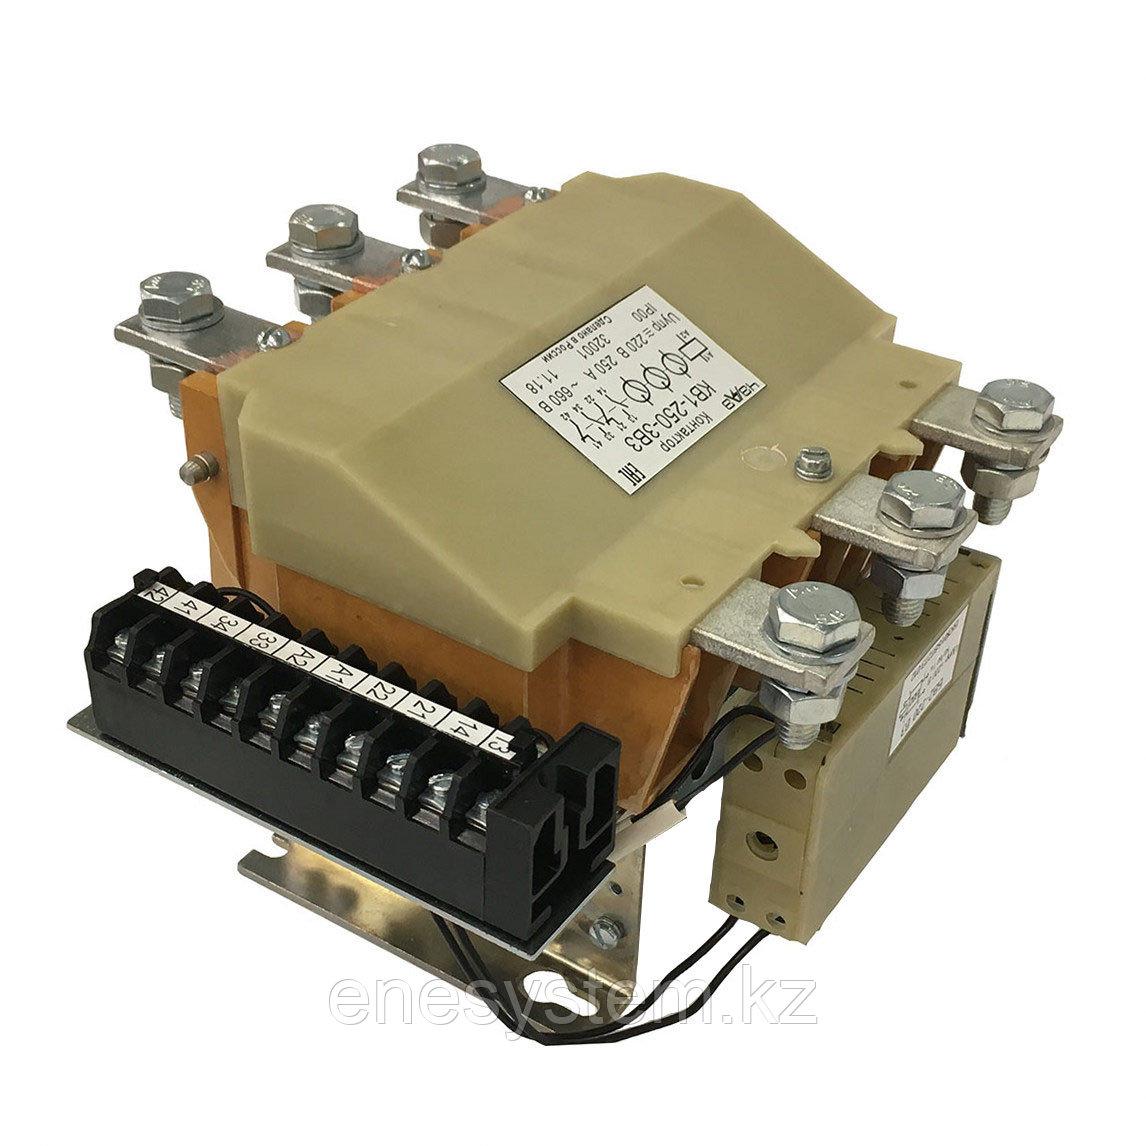 Контакторы вакуумные двухкамерные КВ-1-160-2